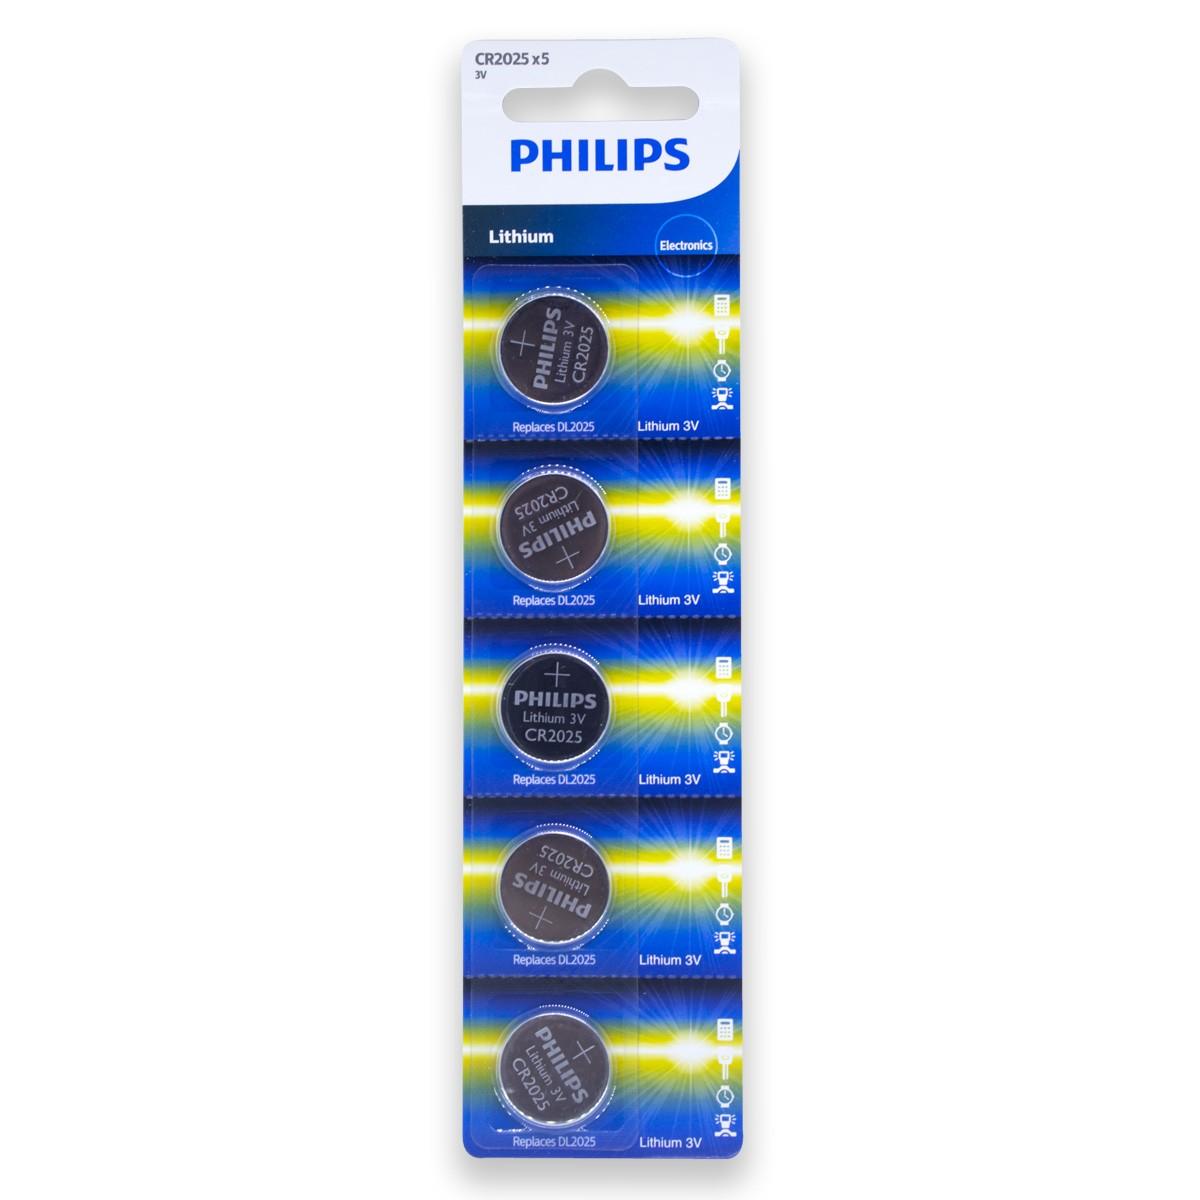 20 Pilhas PHILIPS CR2025 3v Bateria Original - 4 cartelas